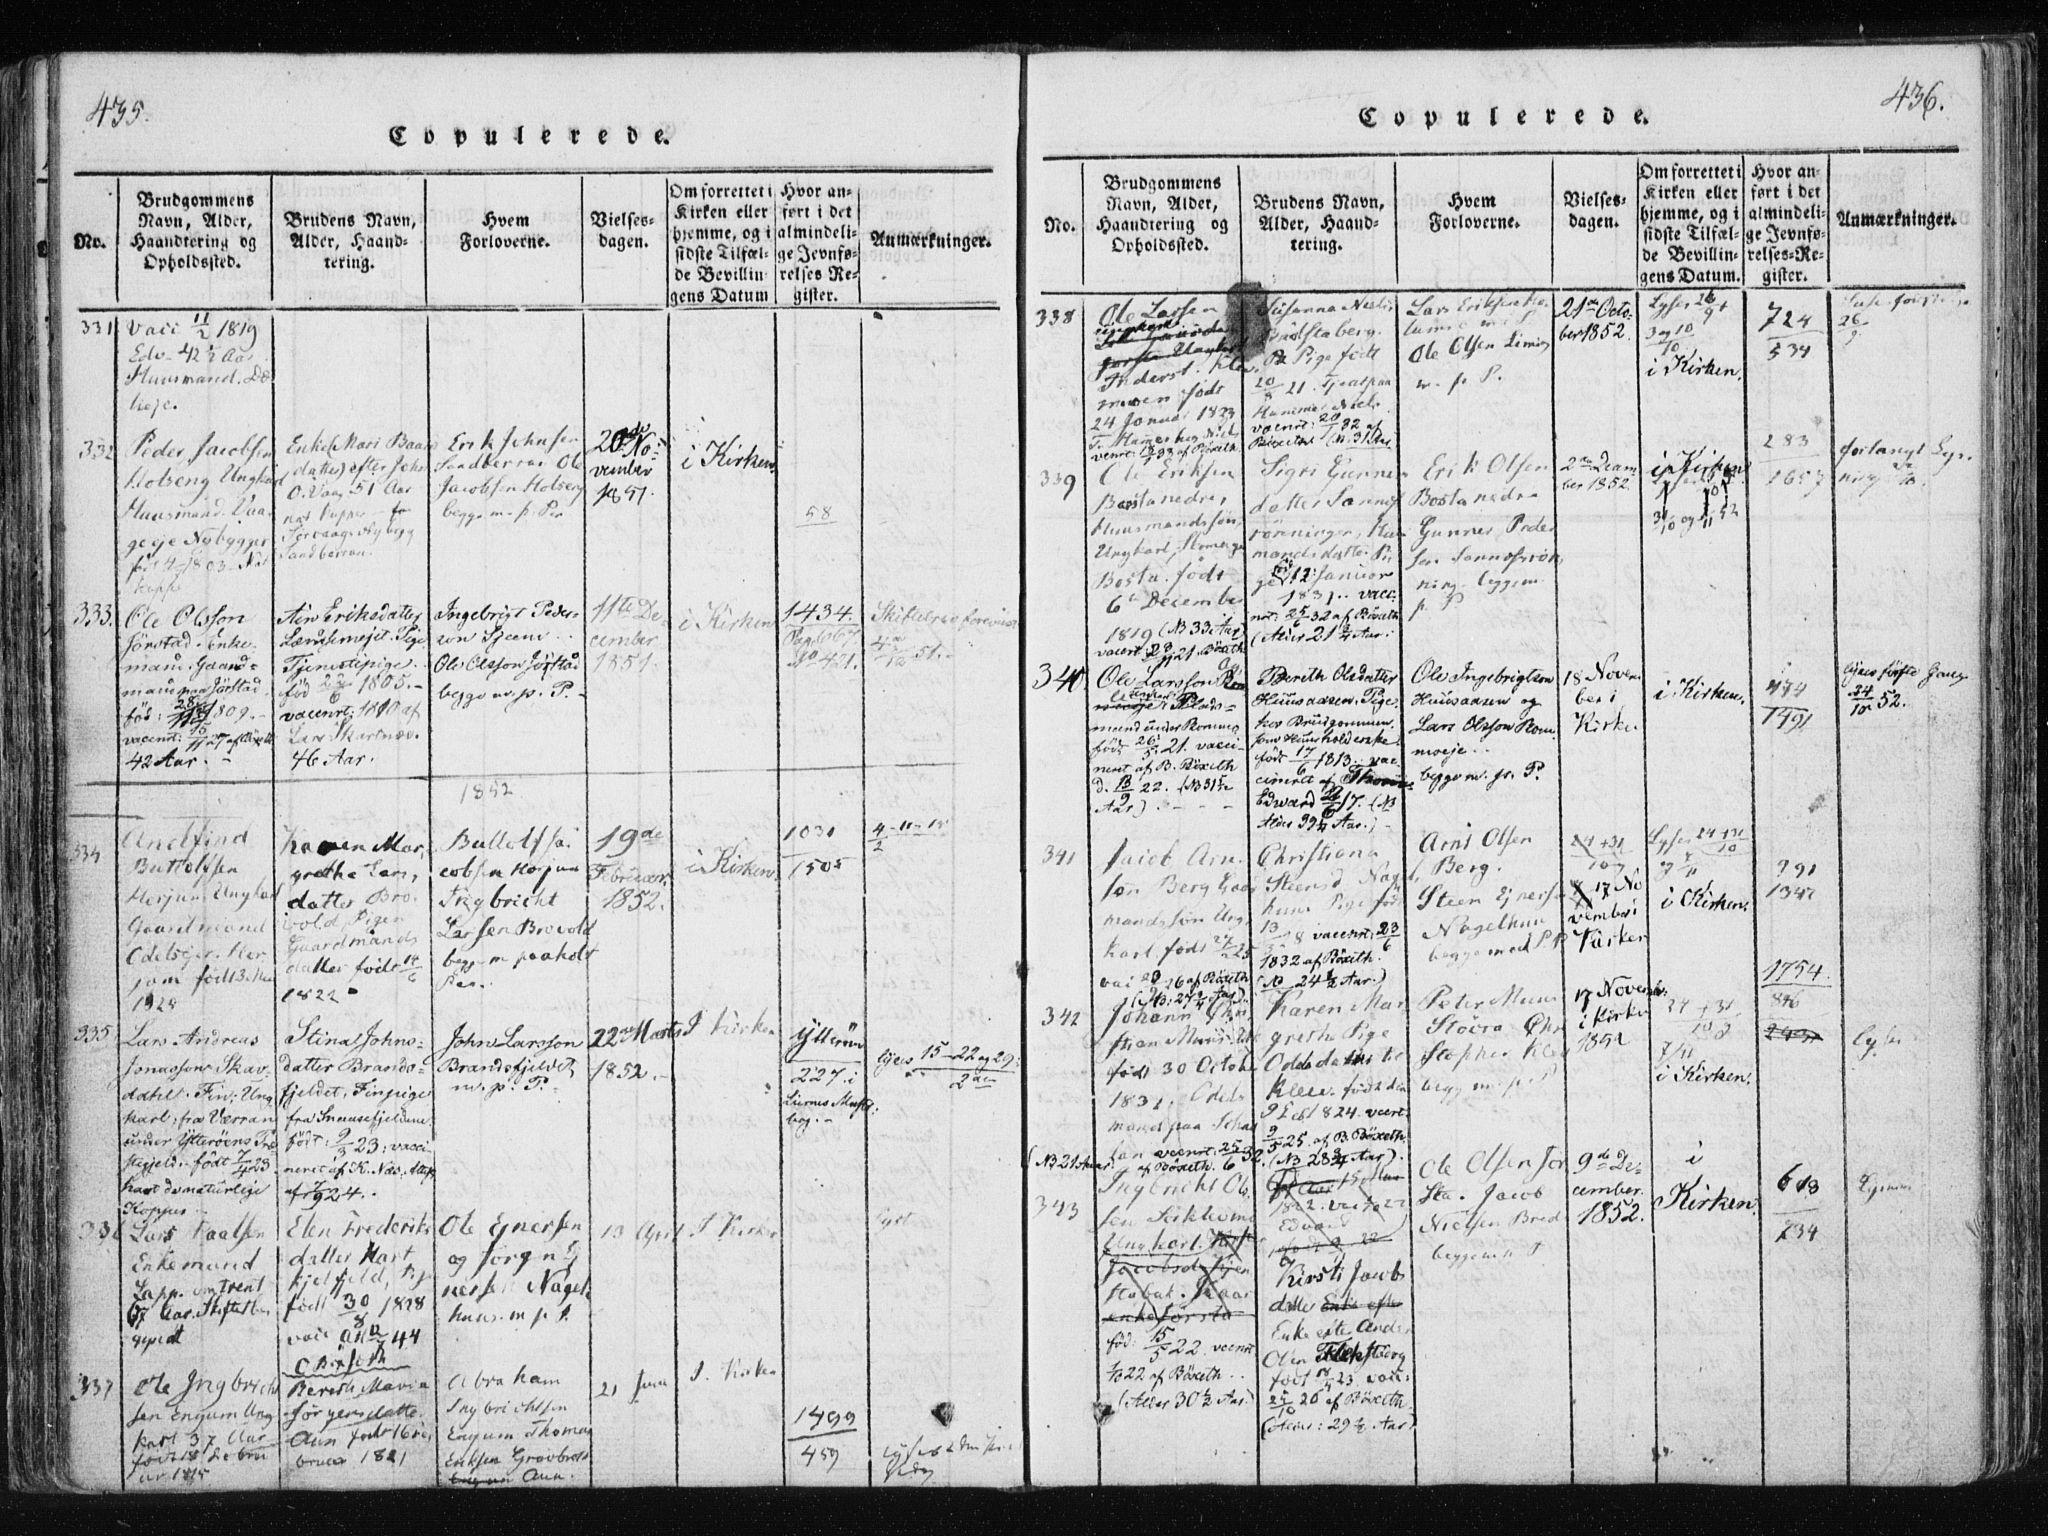 SAT, Ministerialprotokoller, klokkerbøker og fødselsregistre - Nord-Trøndelag, 749/L0469: Ministerialbok nr. 749A03, 1817-1857, s. 435-436